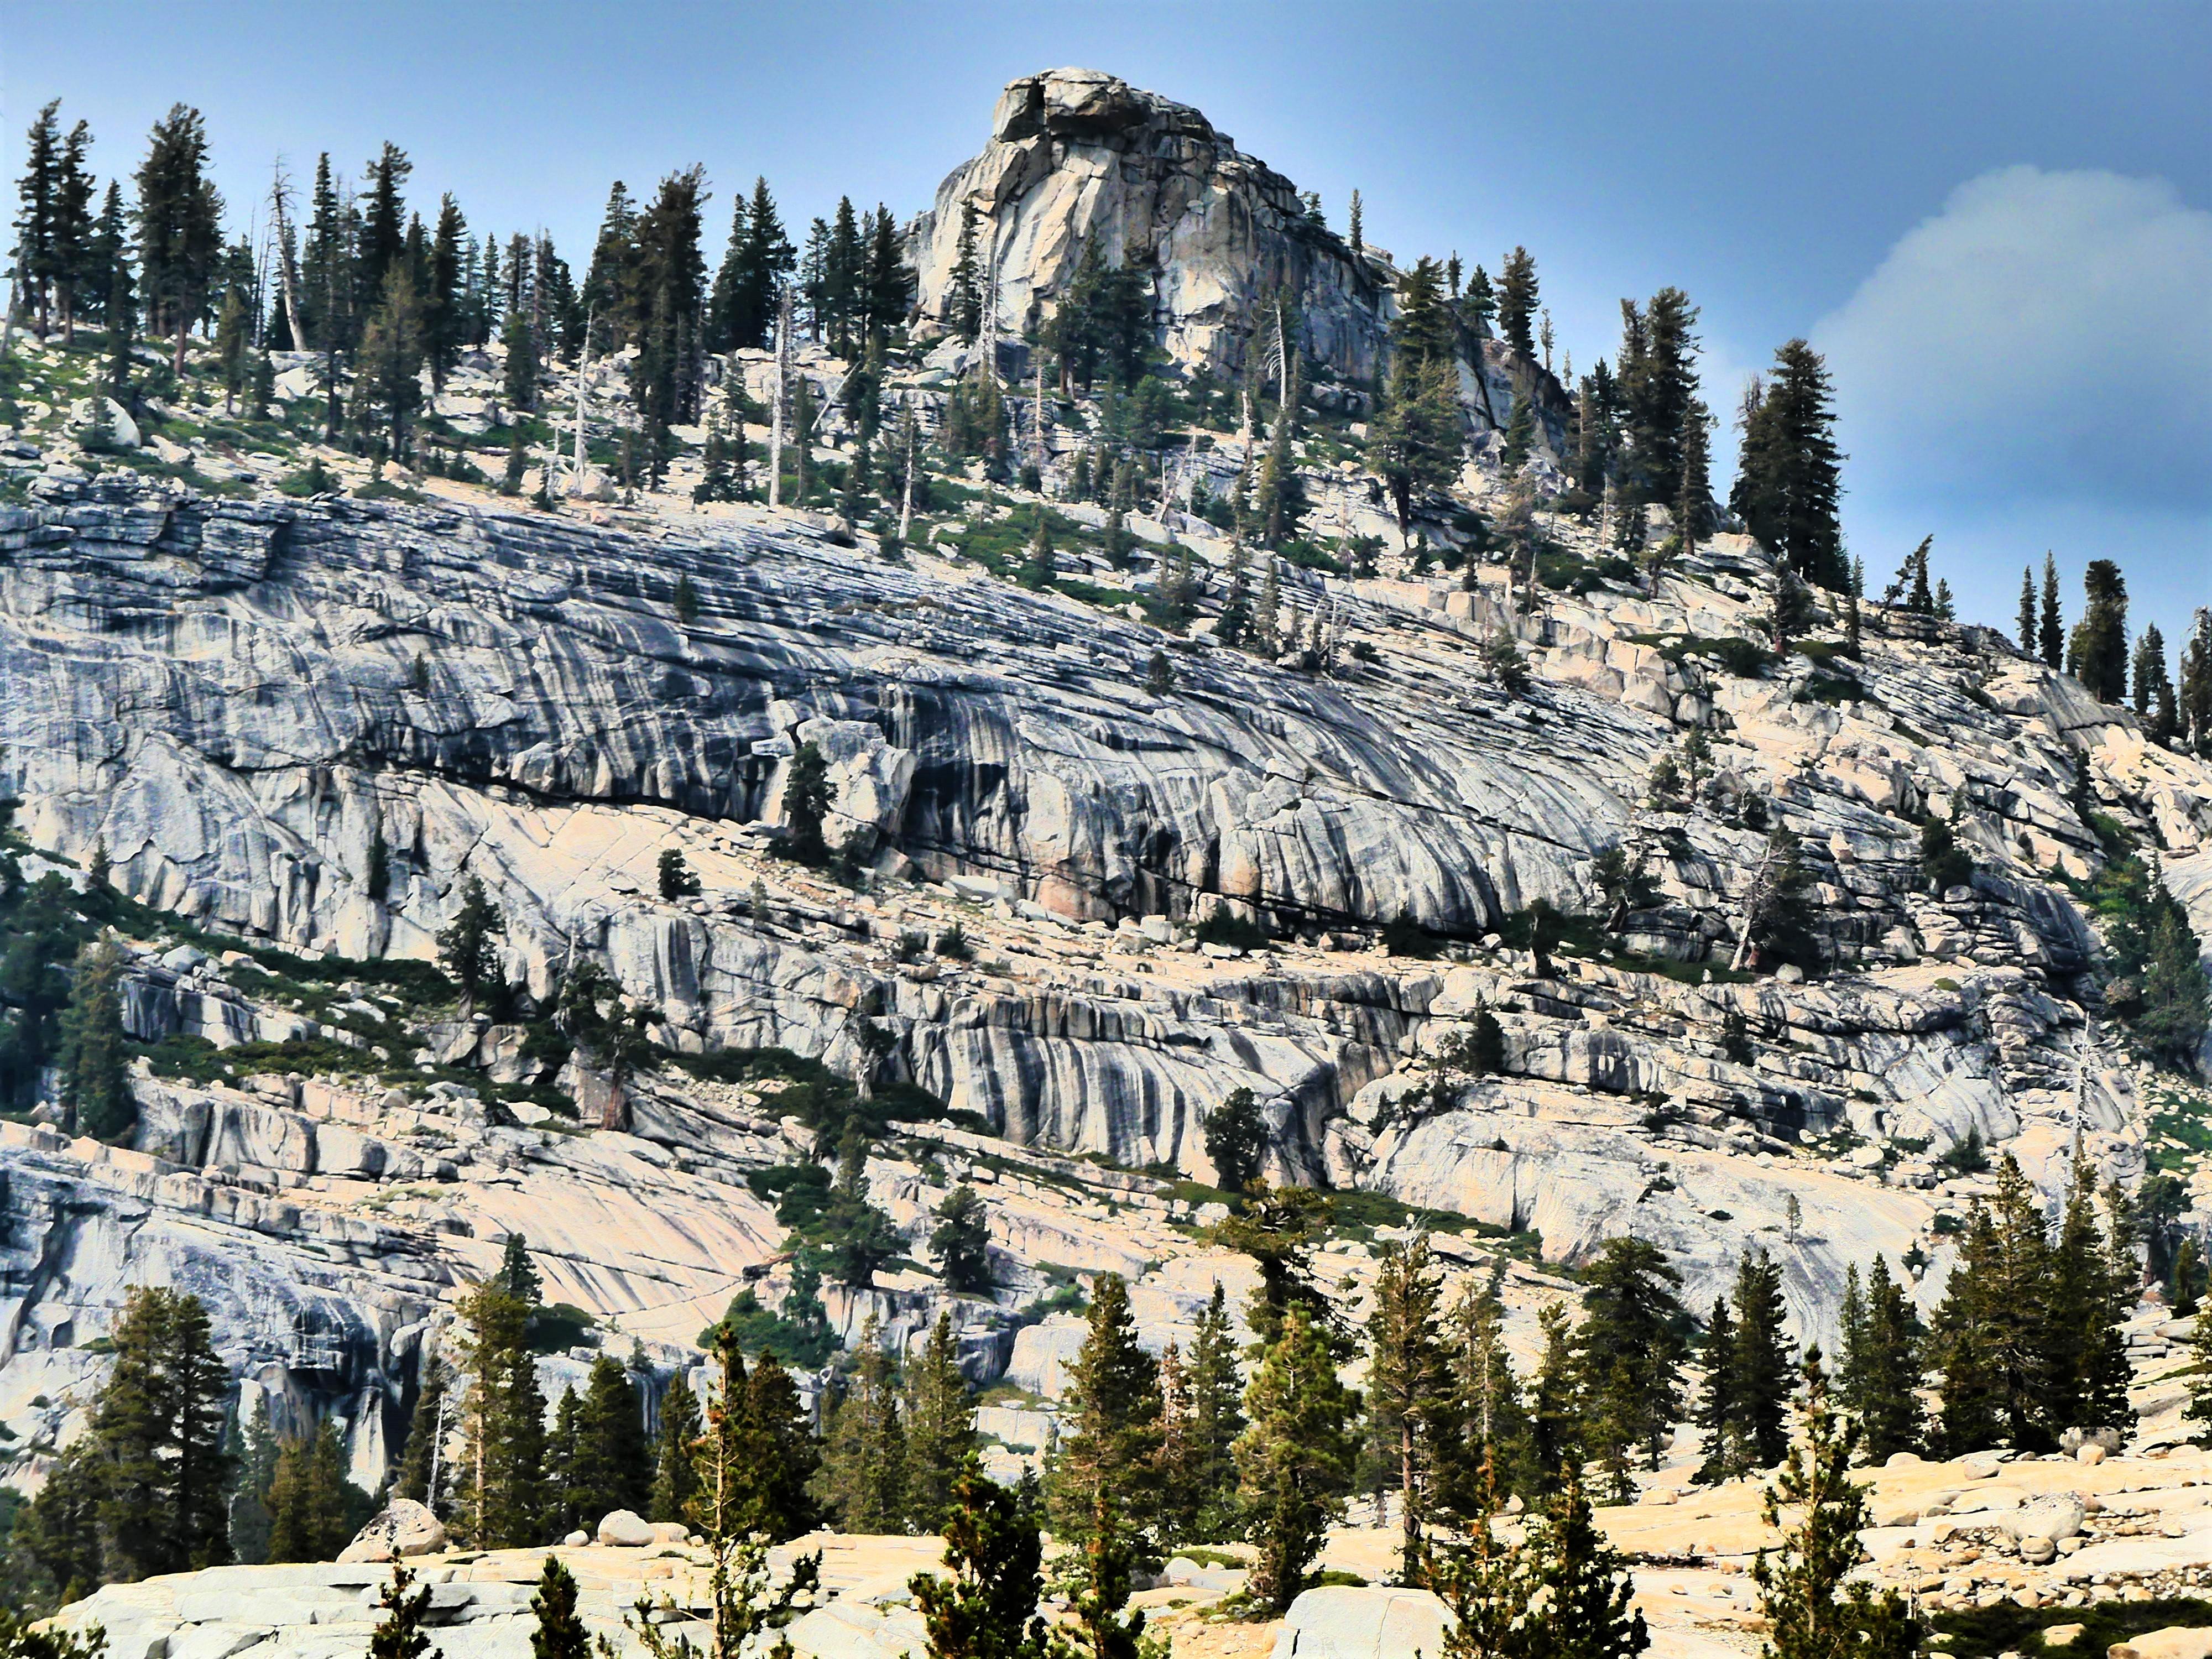 Mt. Hoffman